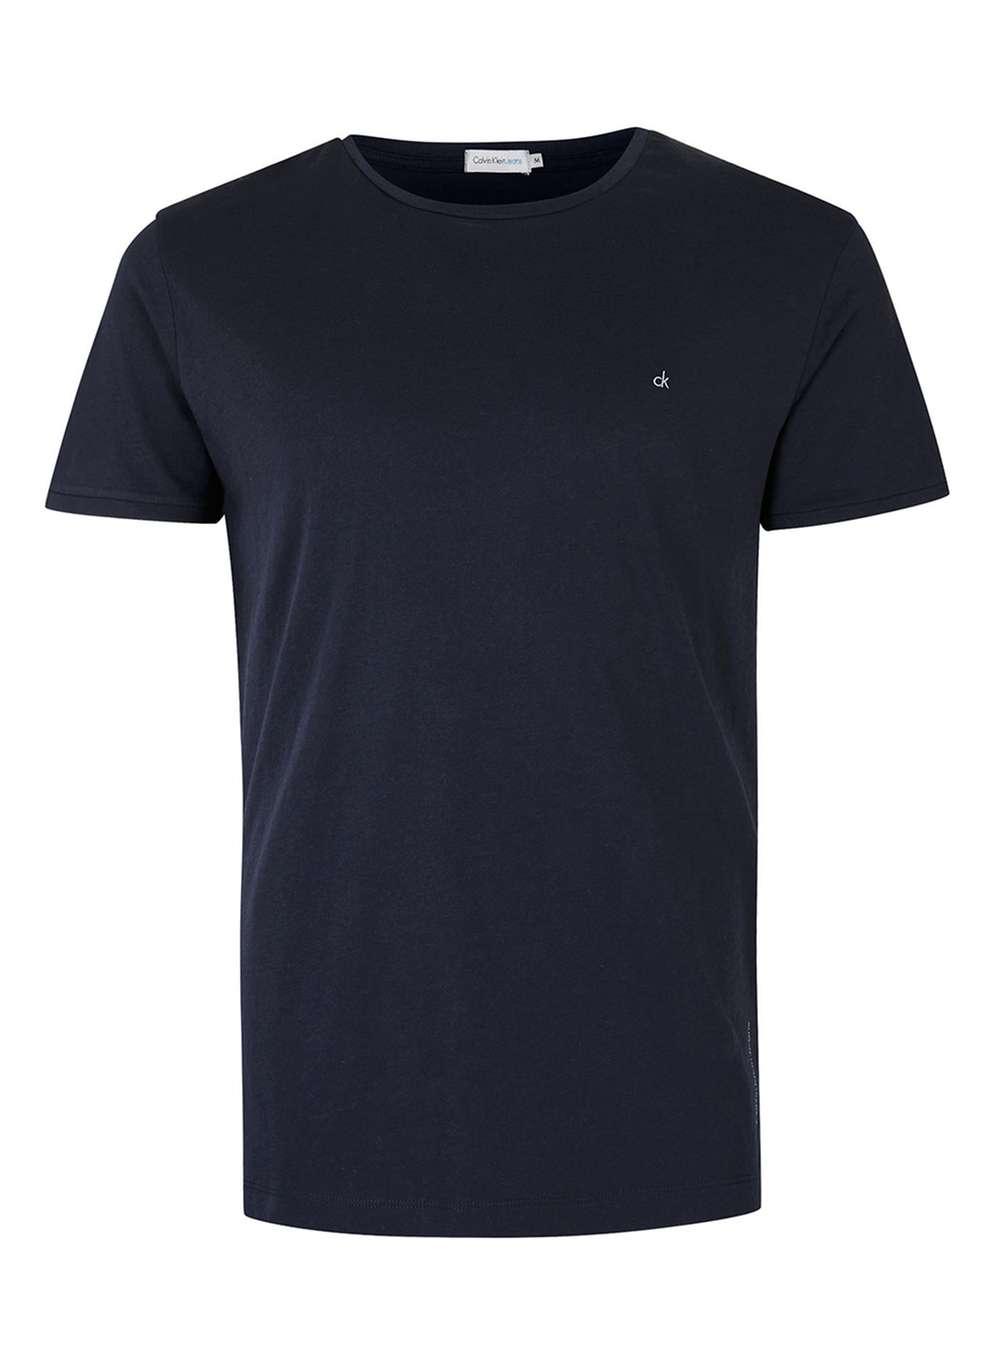 CALVIN KLEIN t-shirt, £25 (topman.com)